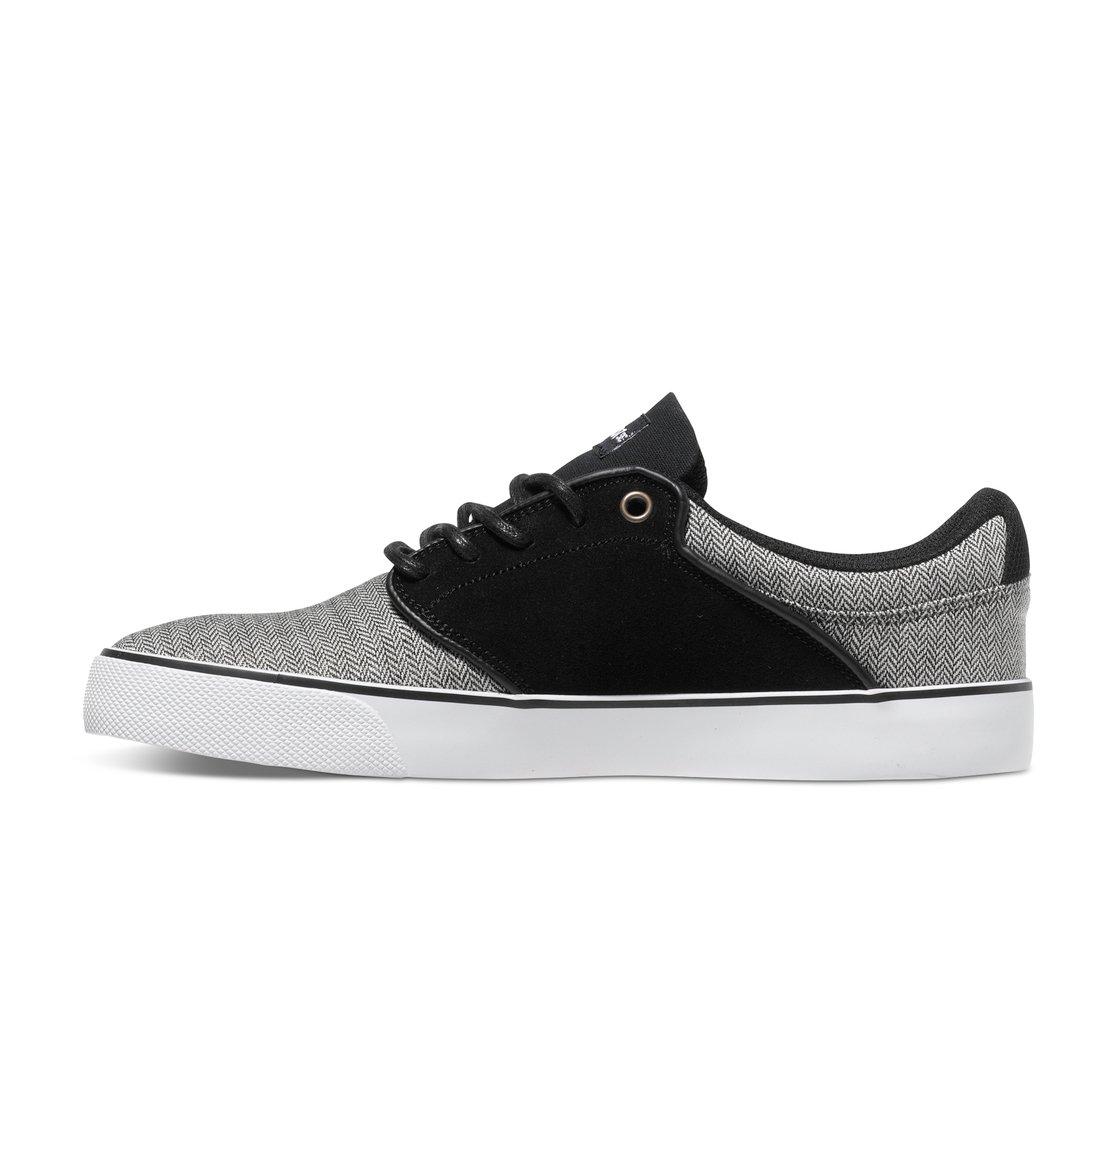 Chaussures de skate DC shoes Mikey Taylor Vulc TX SE DE3OF1